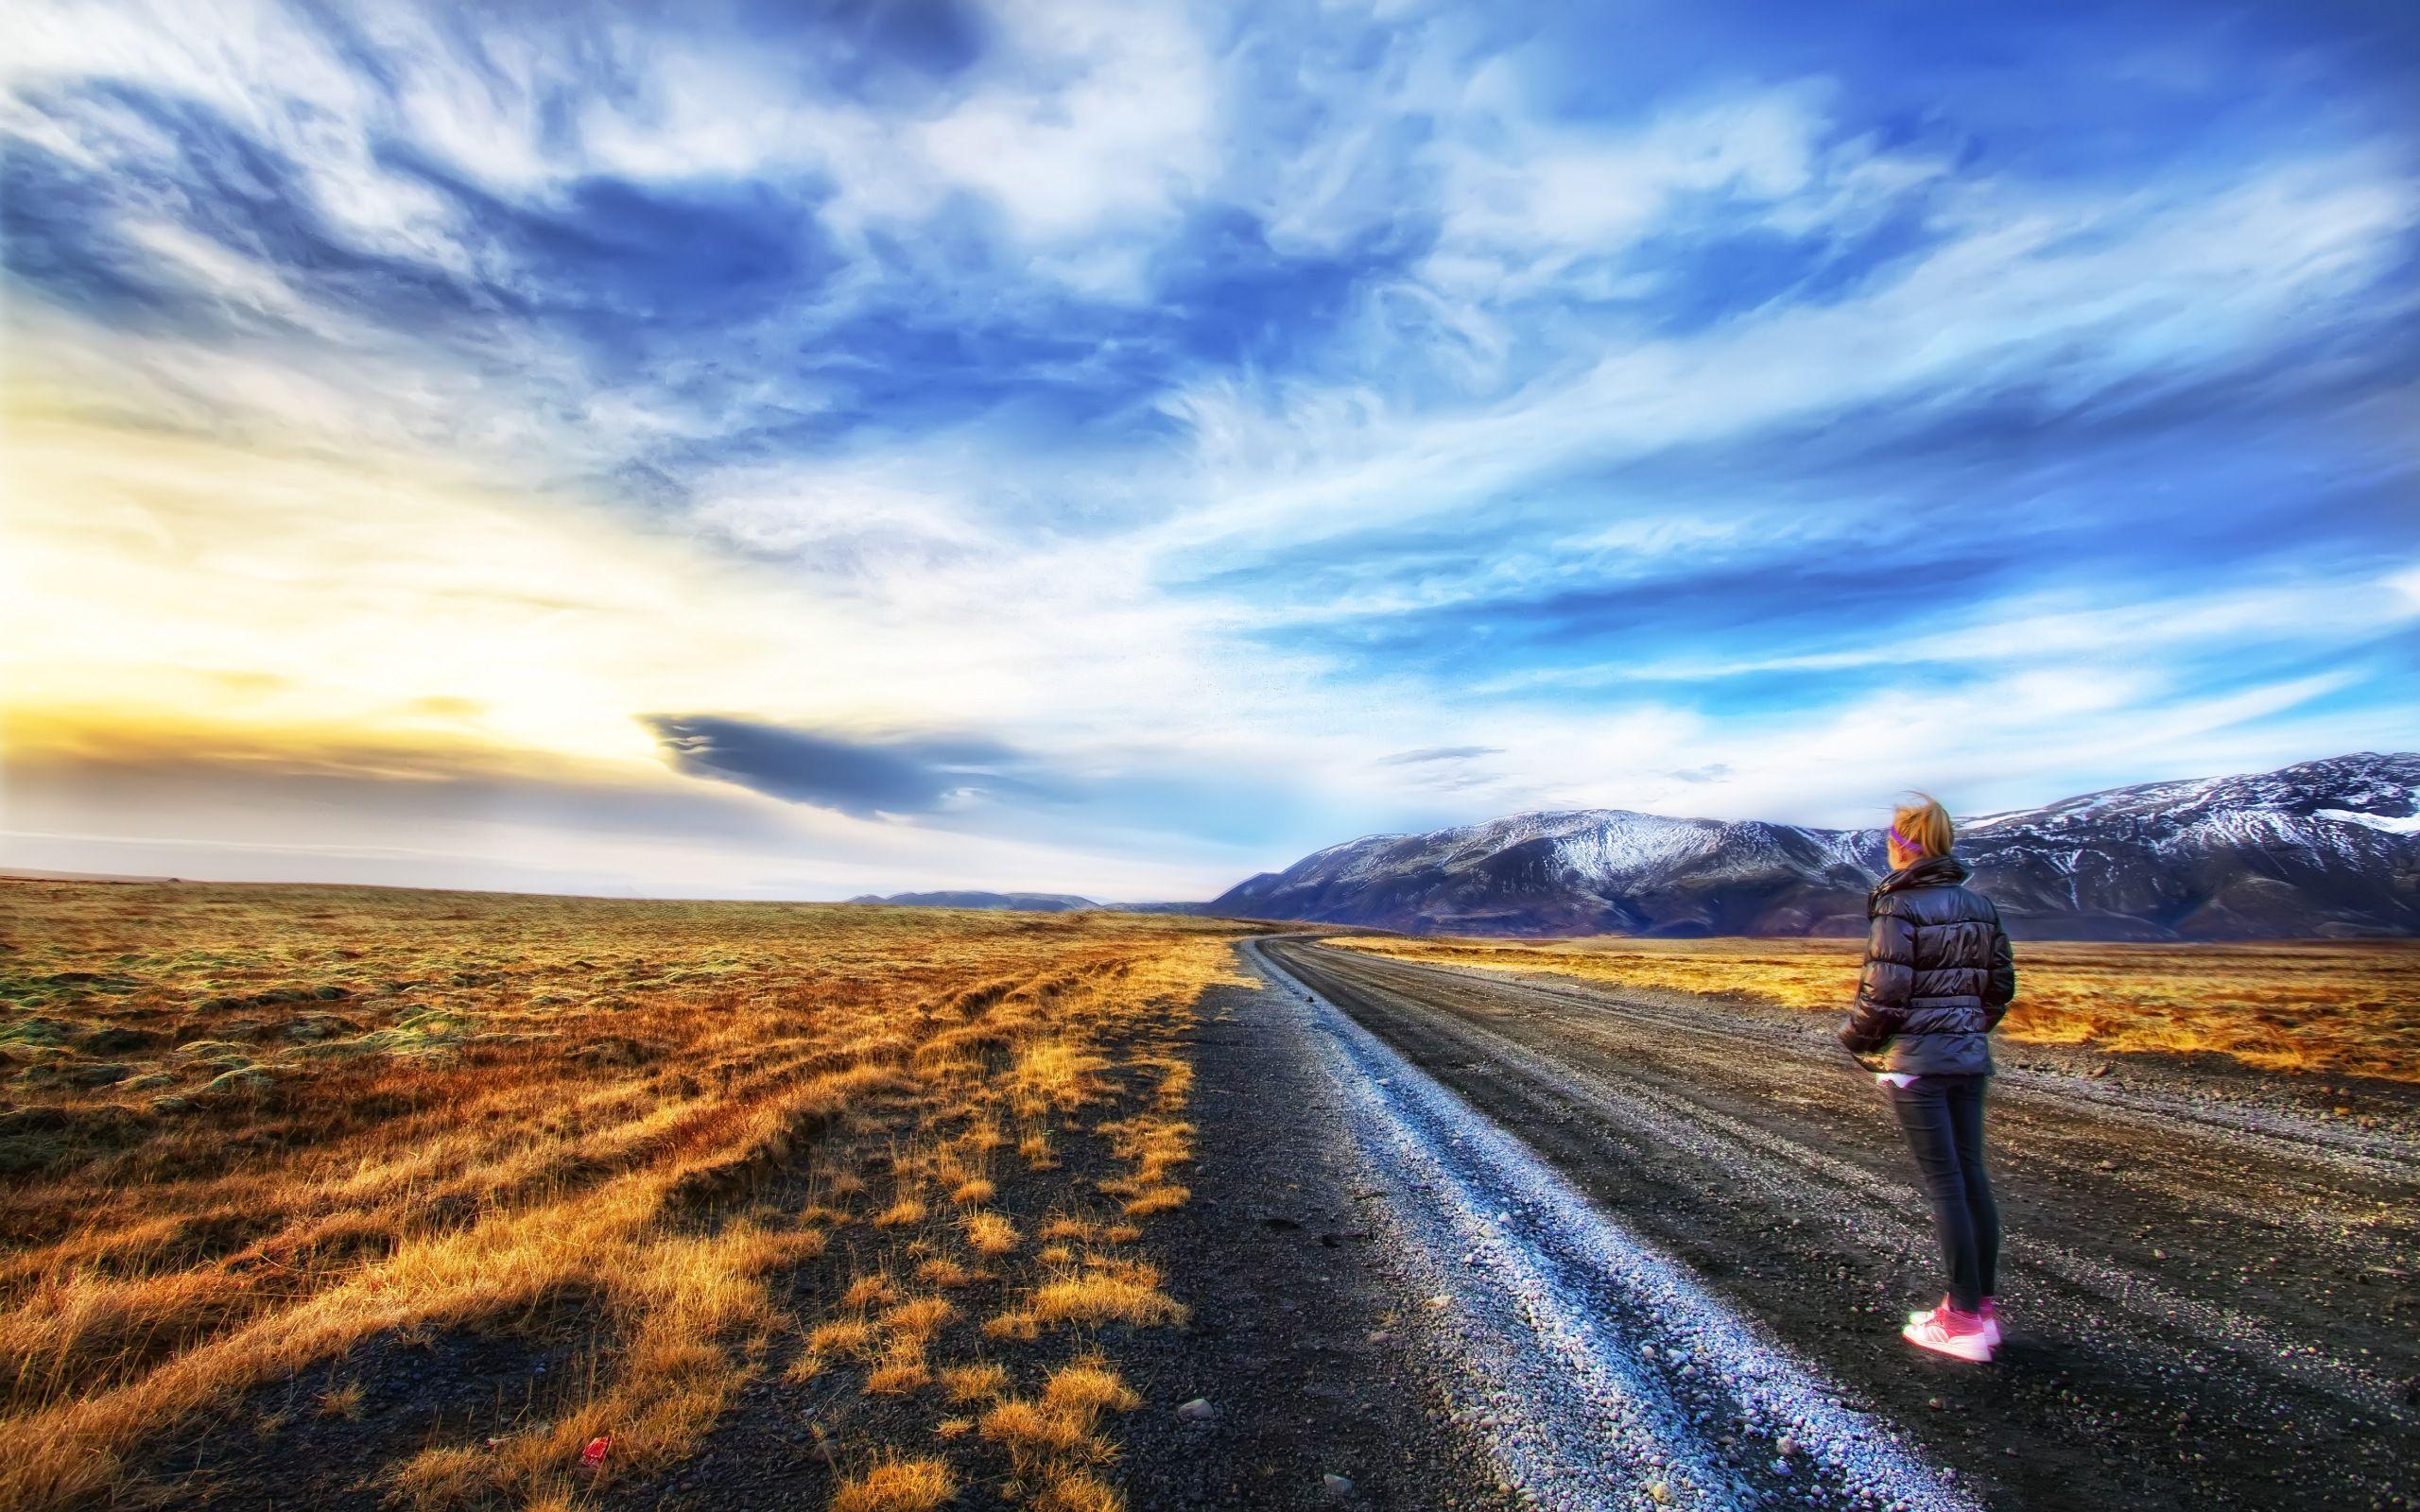 Fond D Ecran Hd Paysage Route